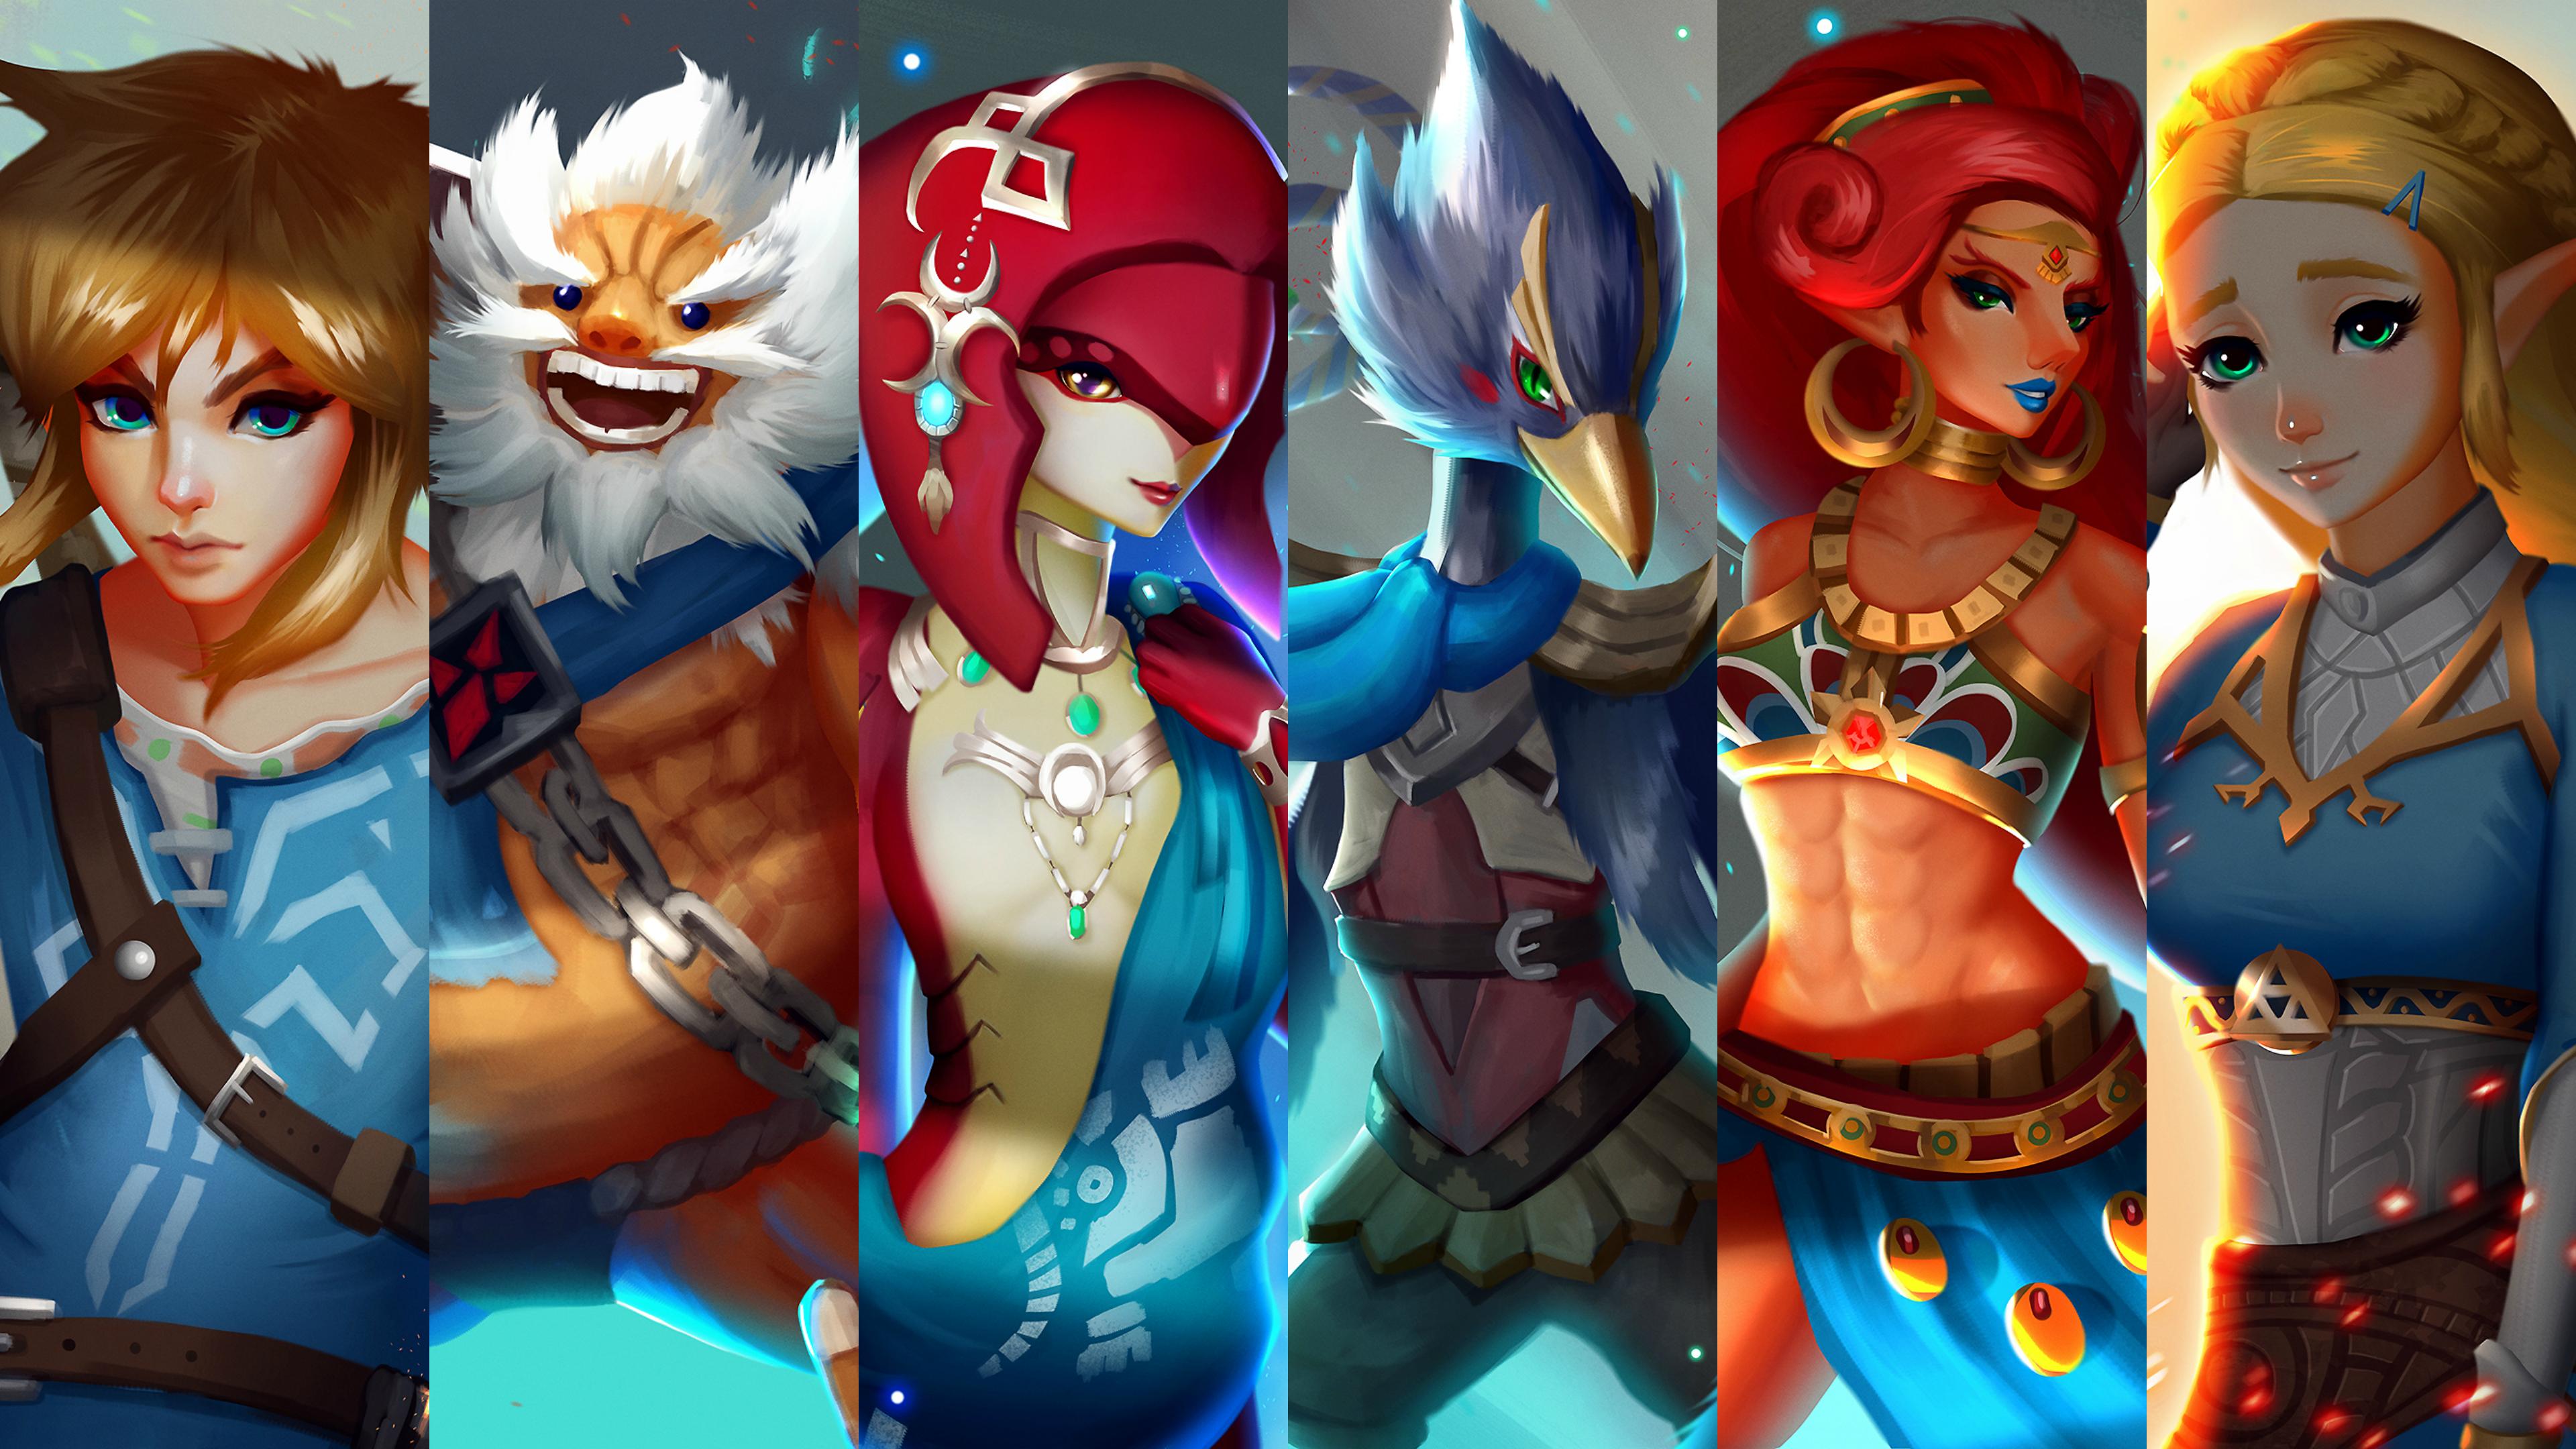 Legend Of Zelda 301921 Hd Wallpaper Backgrounds Download